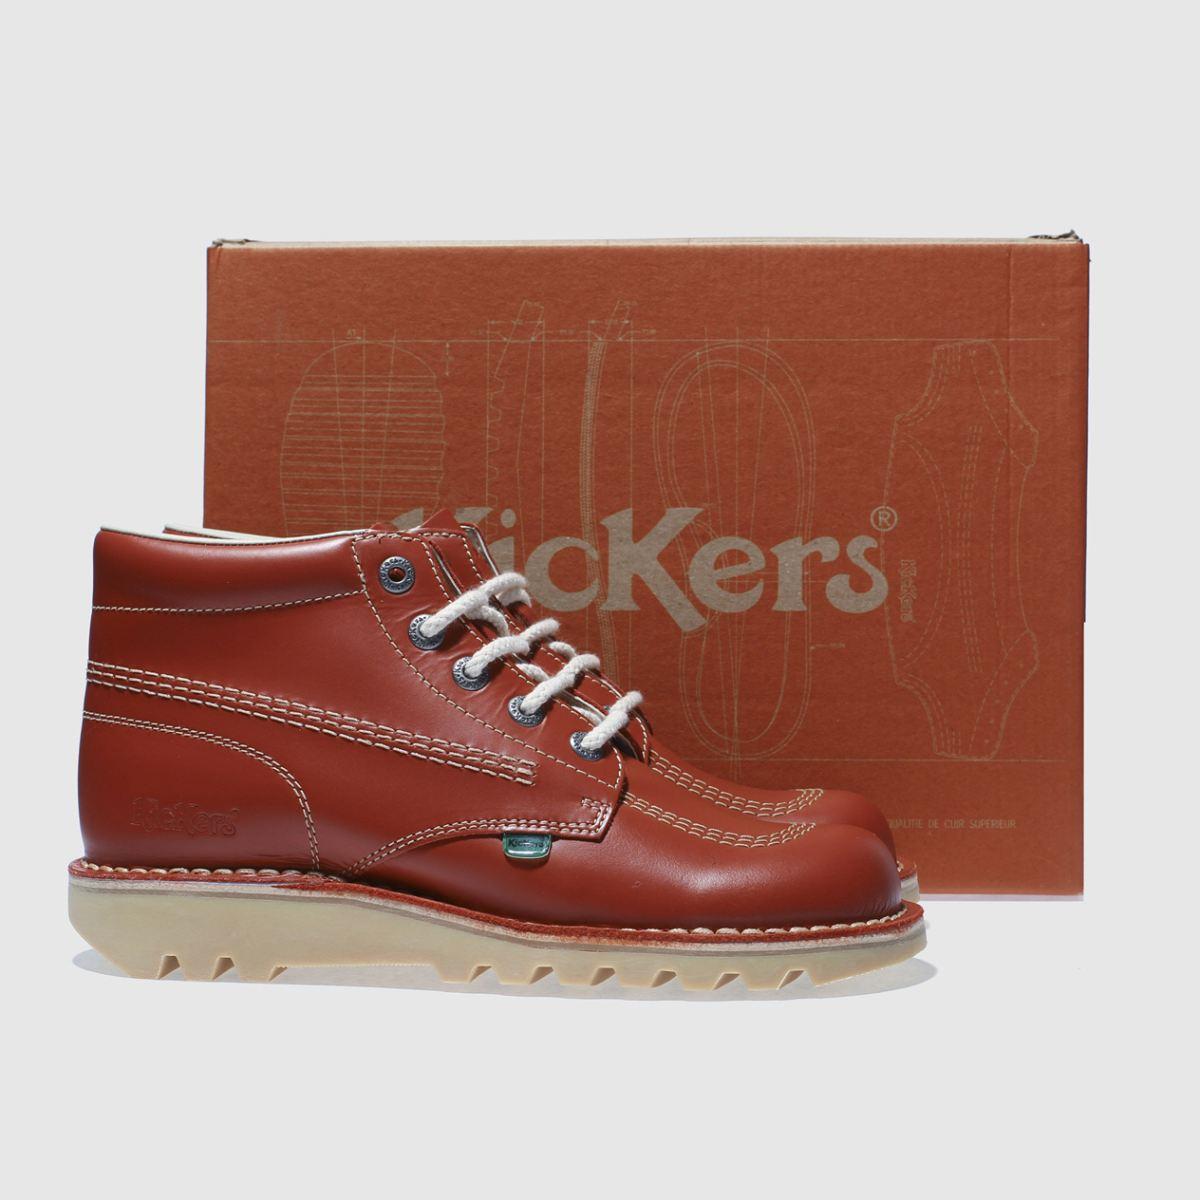 Herren Herren Herren Rot kickers Hi Boots | schuh Gute Qualität beliebte Schuhe edb132